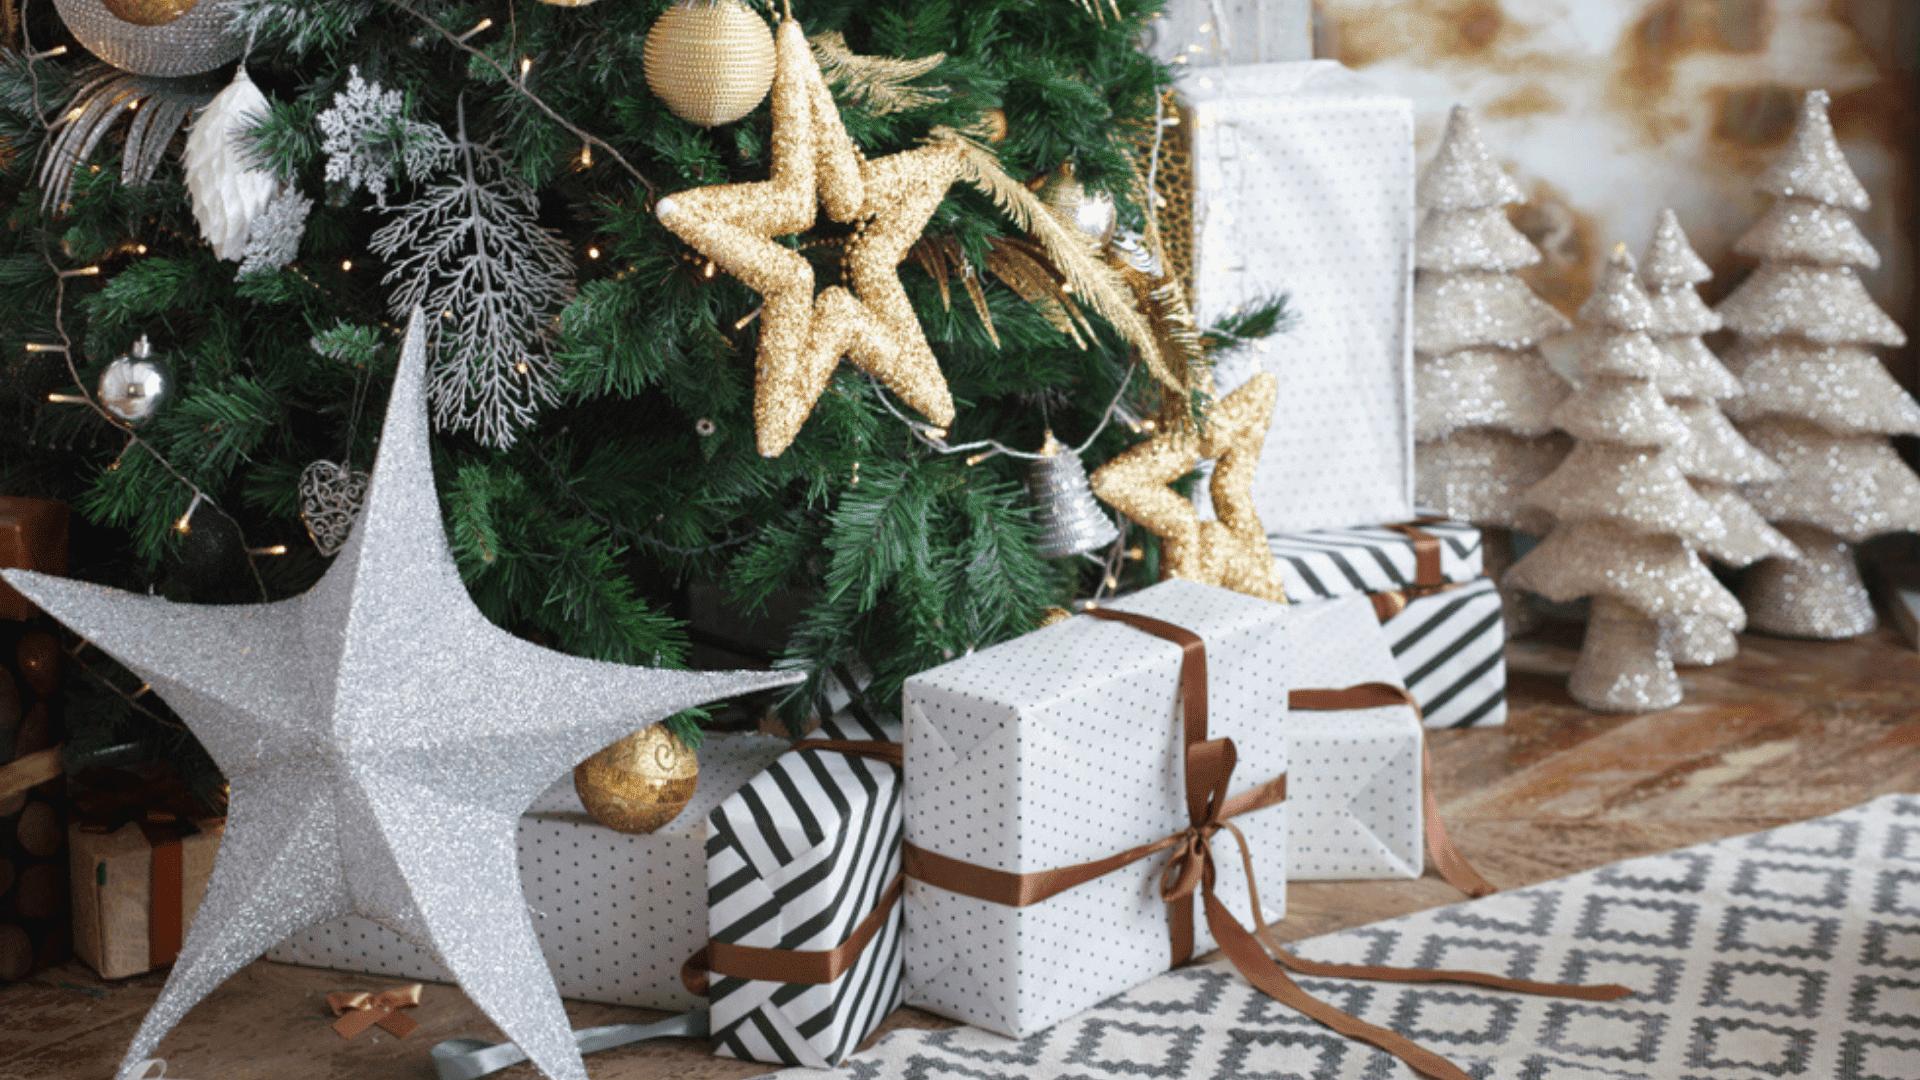 Em 2020, o dia para montar a árvore de Natal é 29 de novembro (Imagem: Reprodução/Shutterstock)